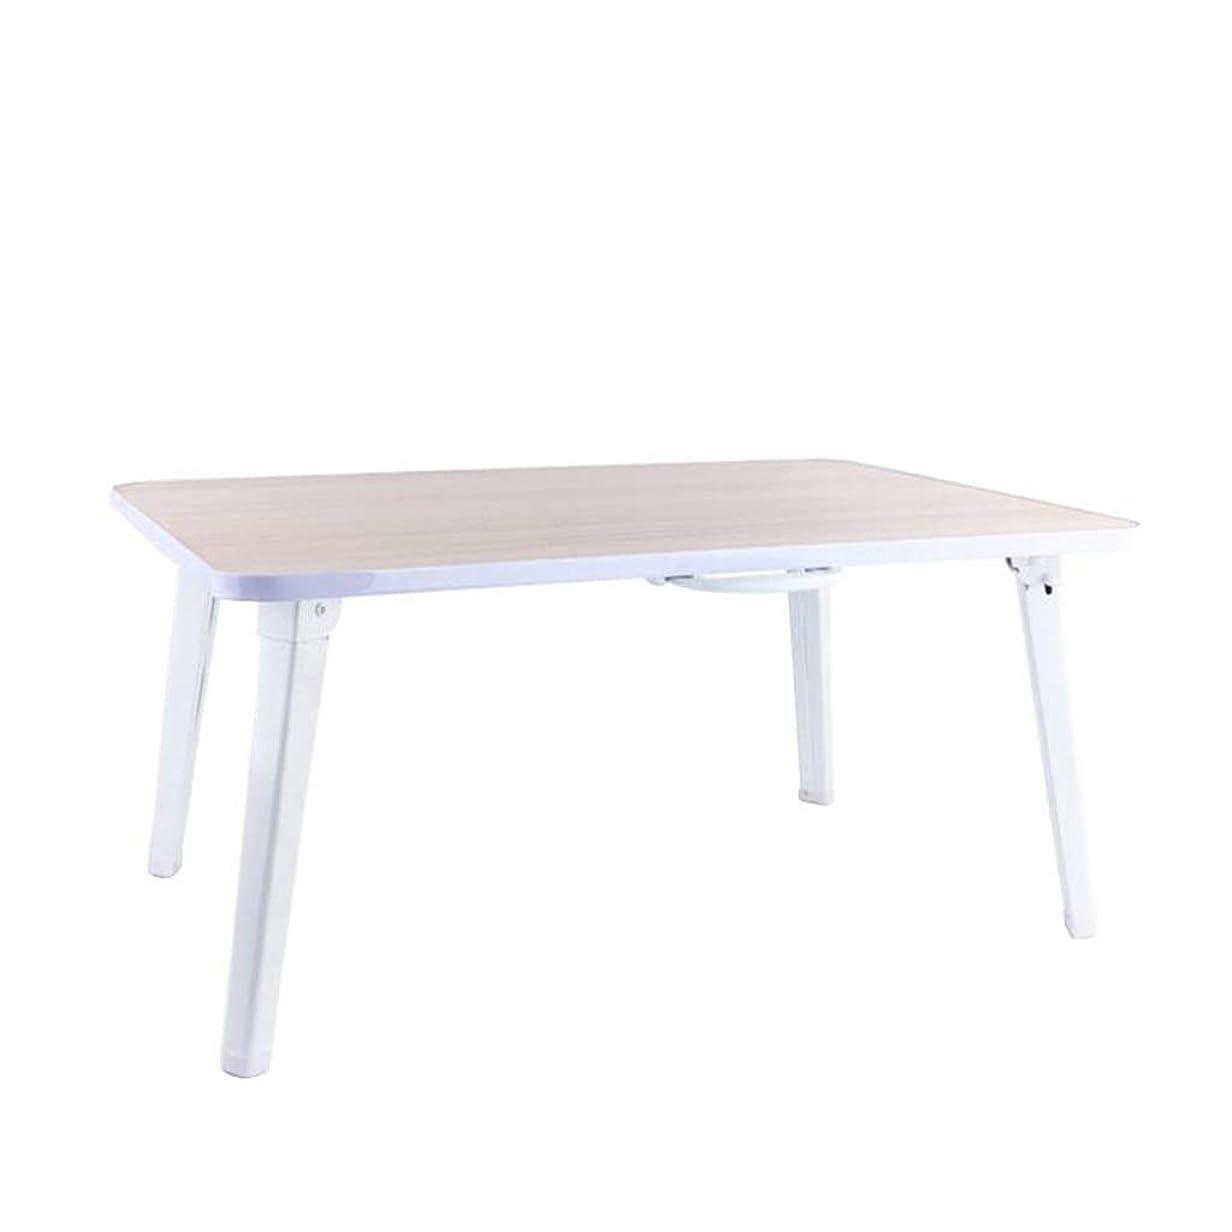 スカウト差コメンテーター家庭 ラップトップスタンドベッドテーブル、サイドテーブルOrtableモバイルラップトップコンピュータスタンドデスク - ピンク 便利 (Color : Wood color)